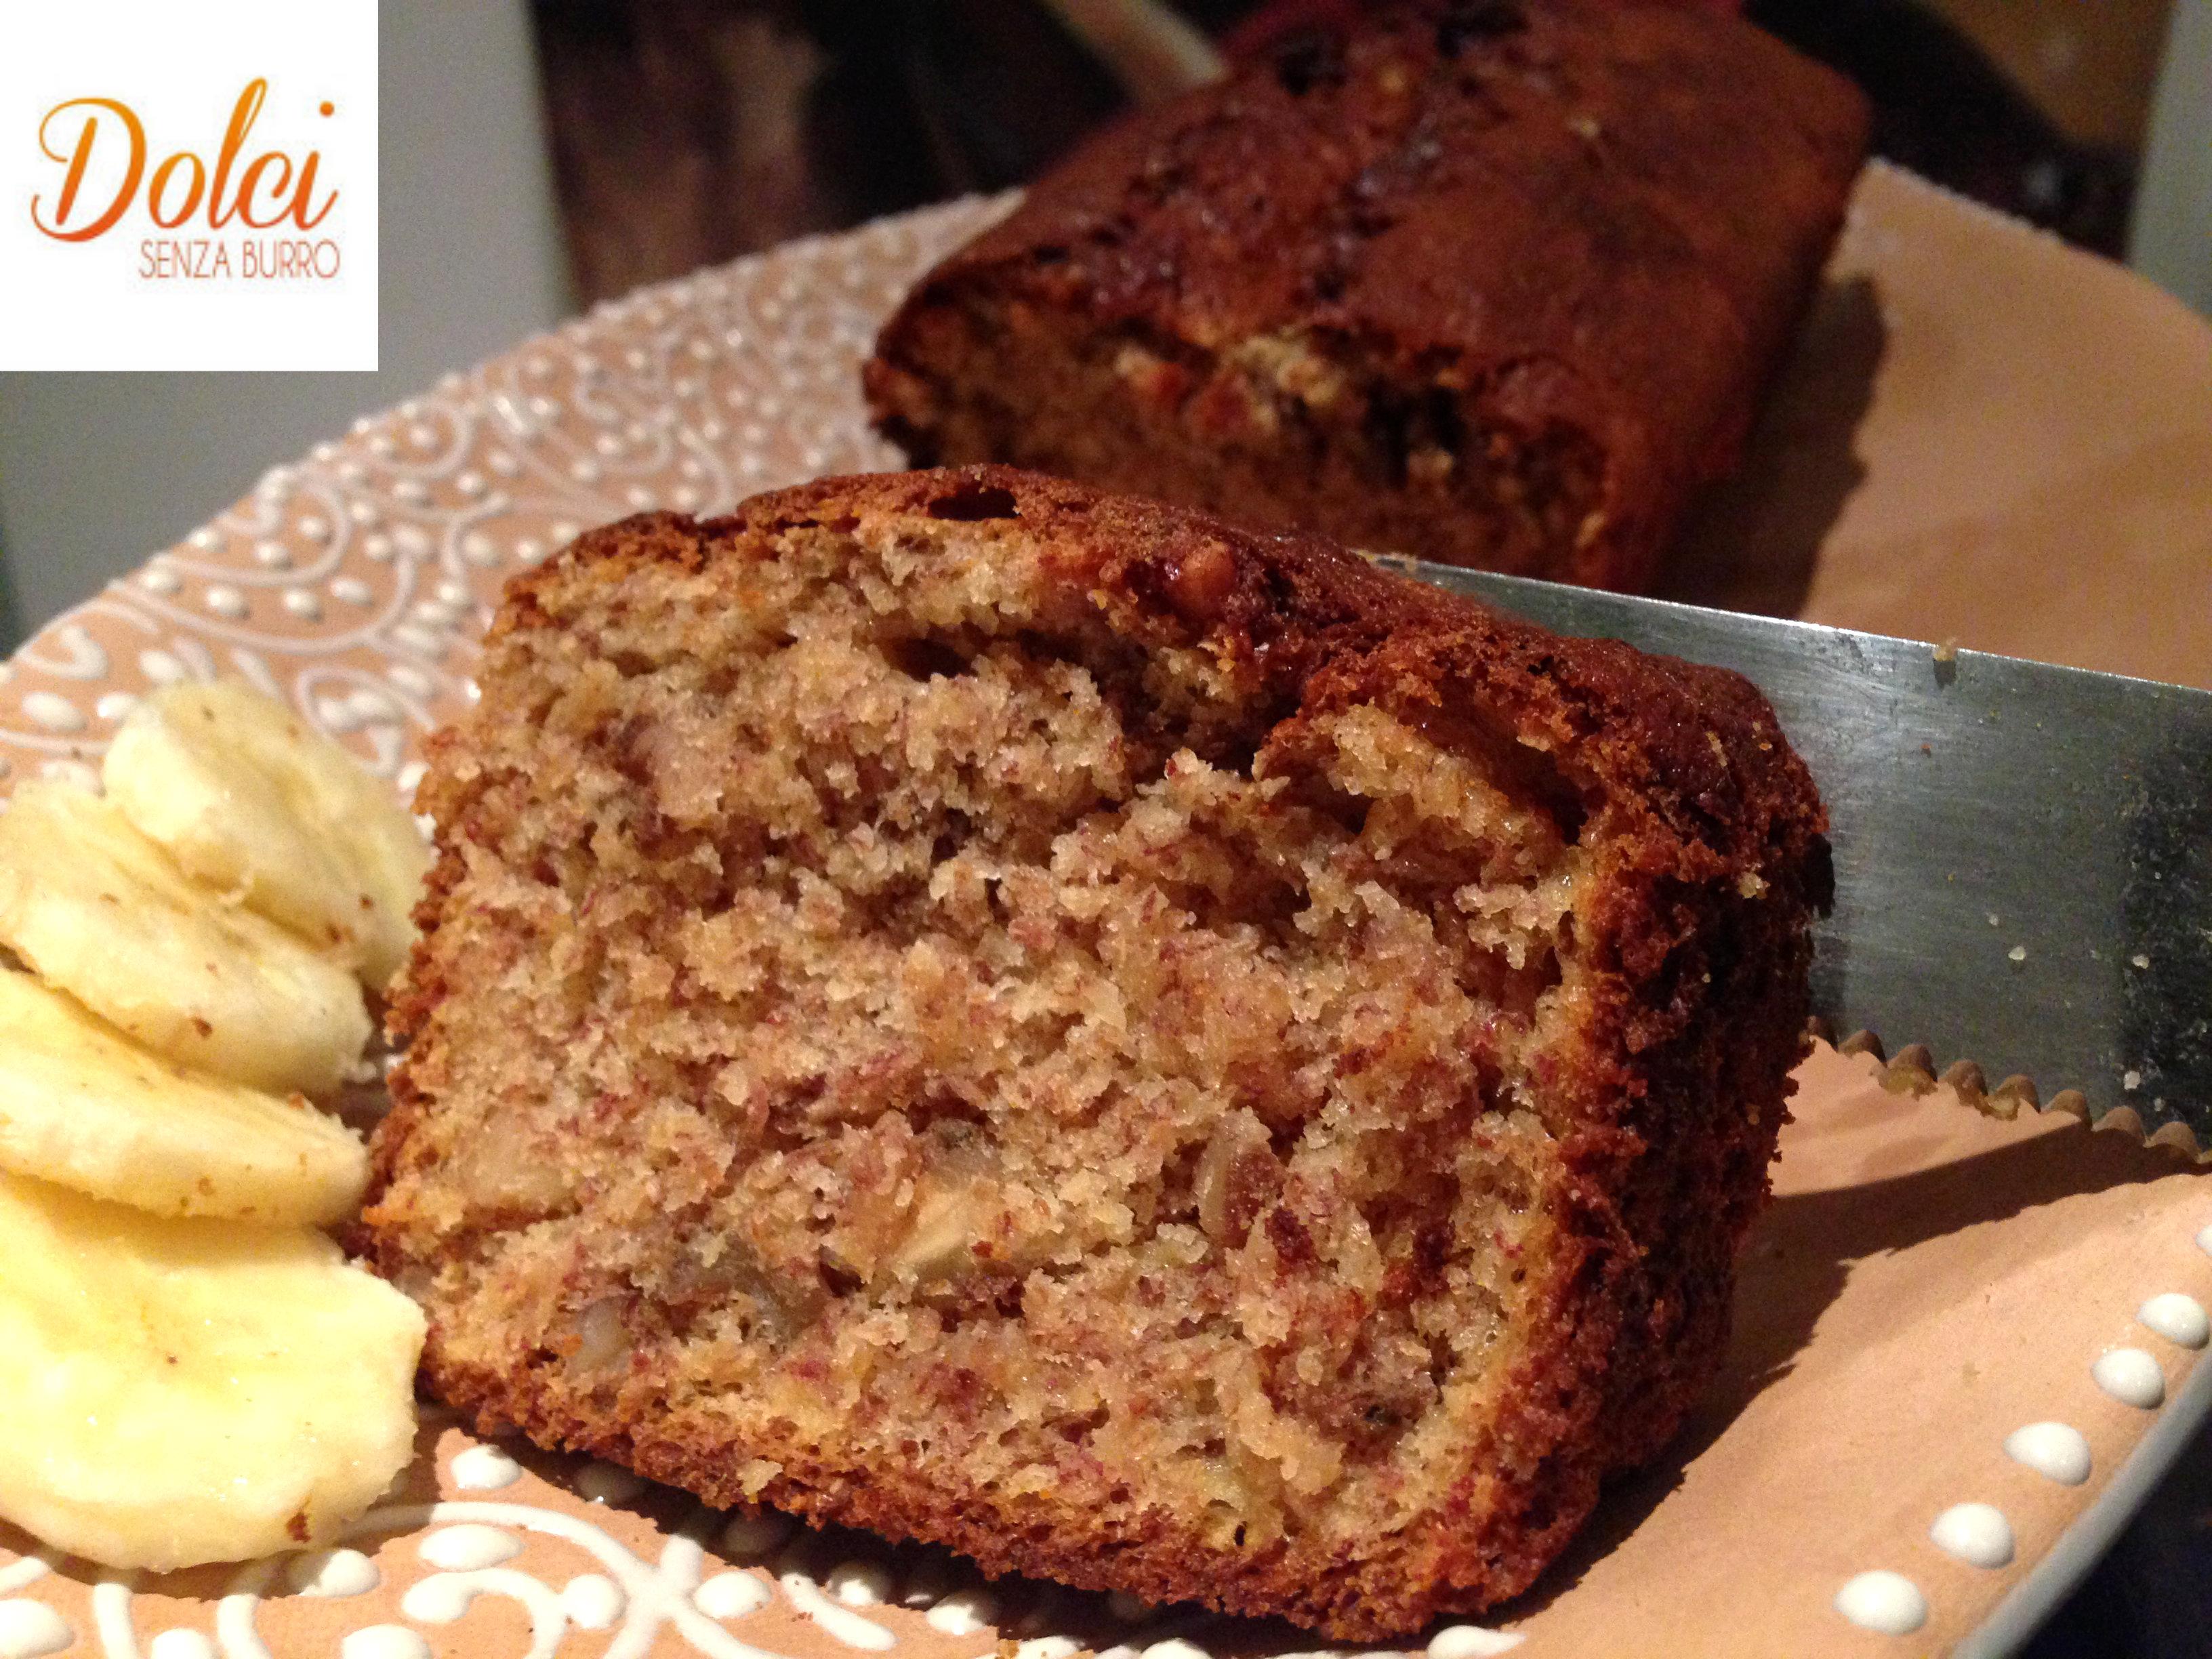 Il Banana Bread Senza Burro è un leggera e dolce torta alla banana senza burro di dolci senza burro